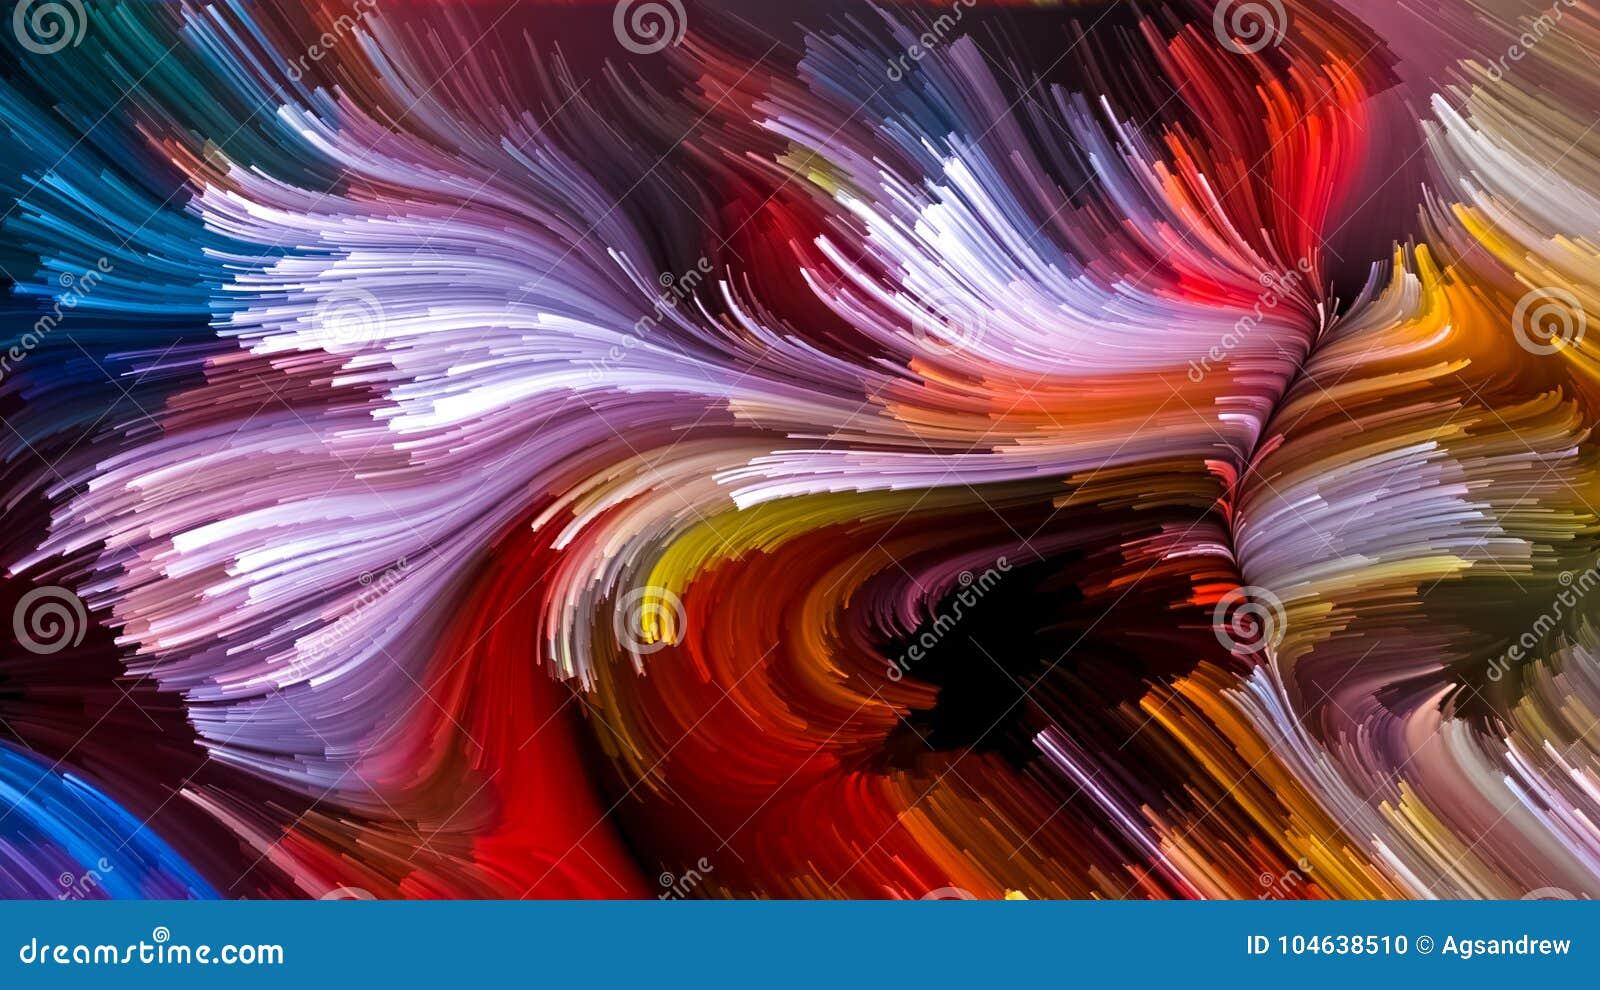 Download Visualisatie Van Vloeibare Kleur Stock Illustratie - Illustratie bestaande uit samenvatting, kleur: 104638510